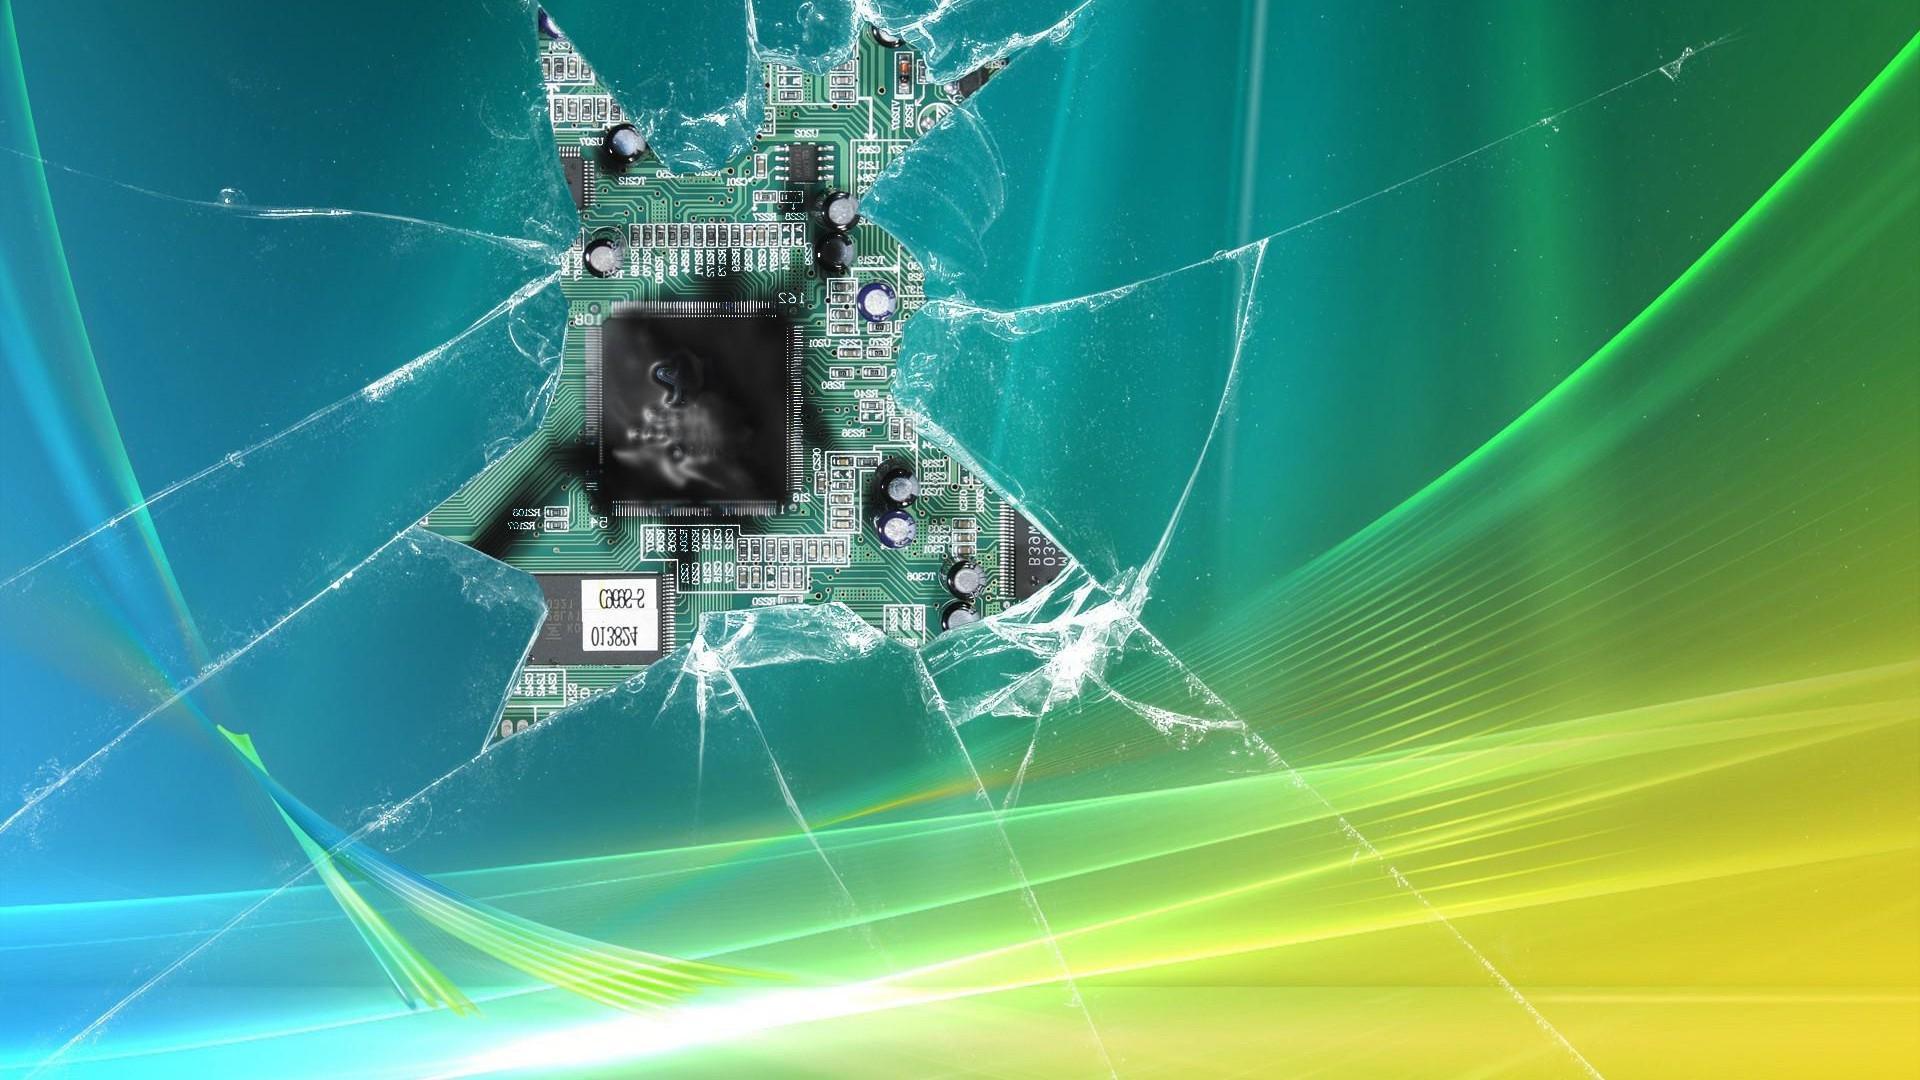 Как восстановить удаленные файлы на телефоне андроид?